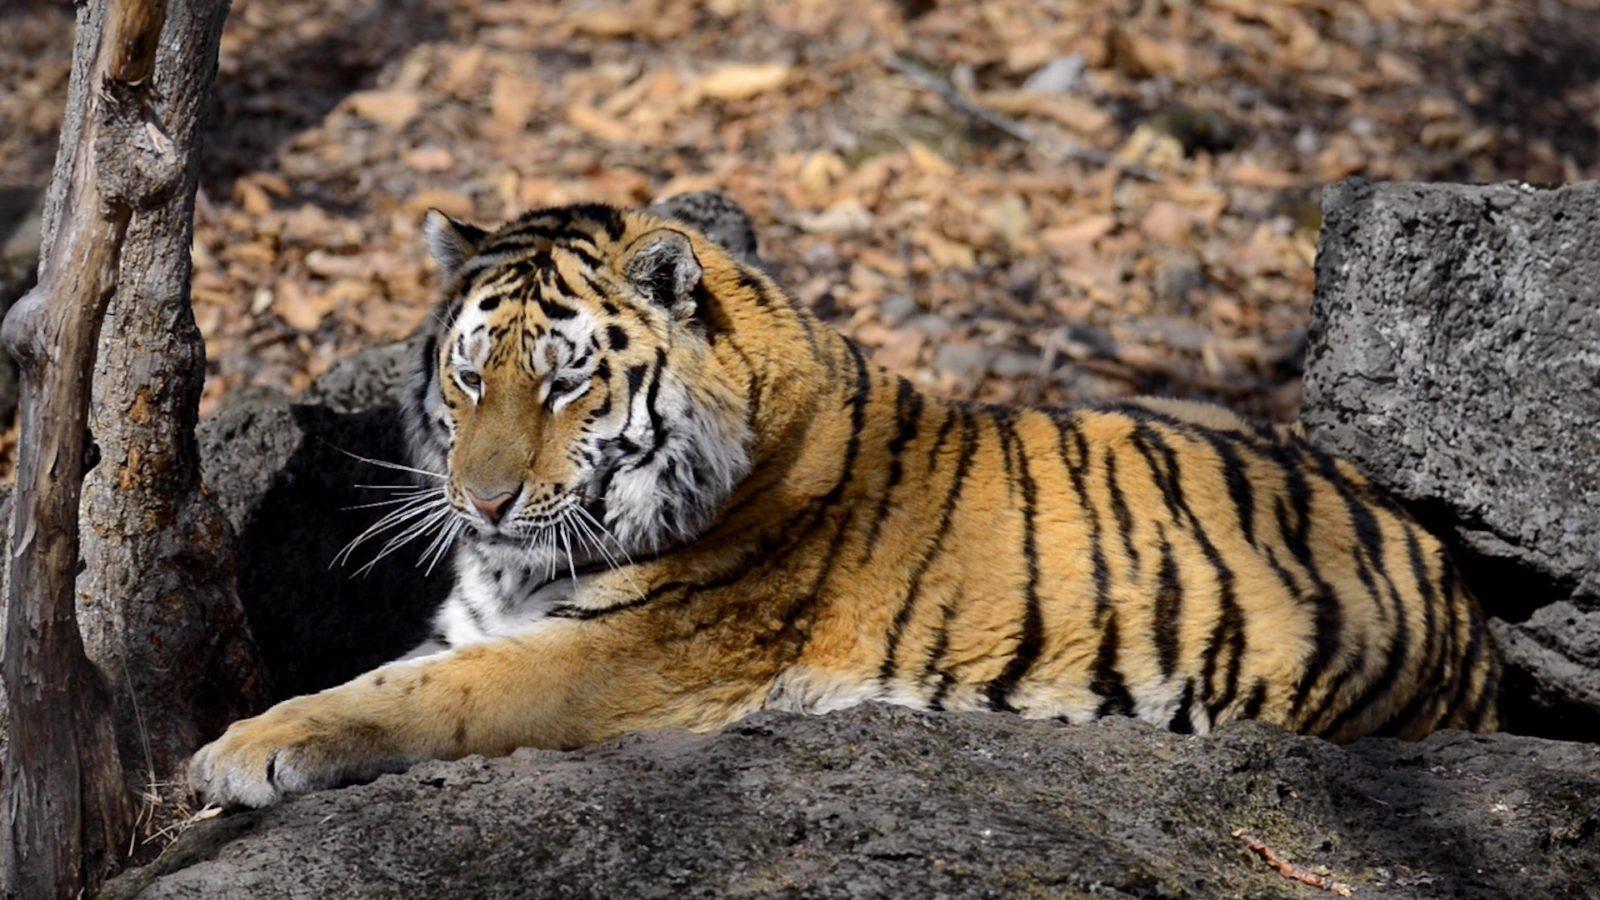 En tiger ligger på en sten och vilar i solen.